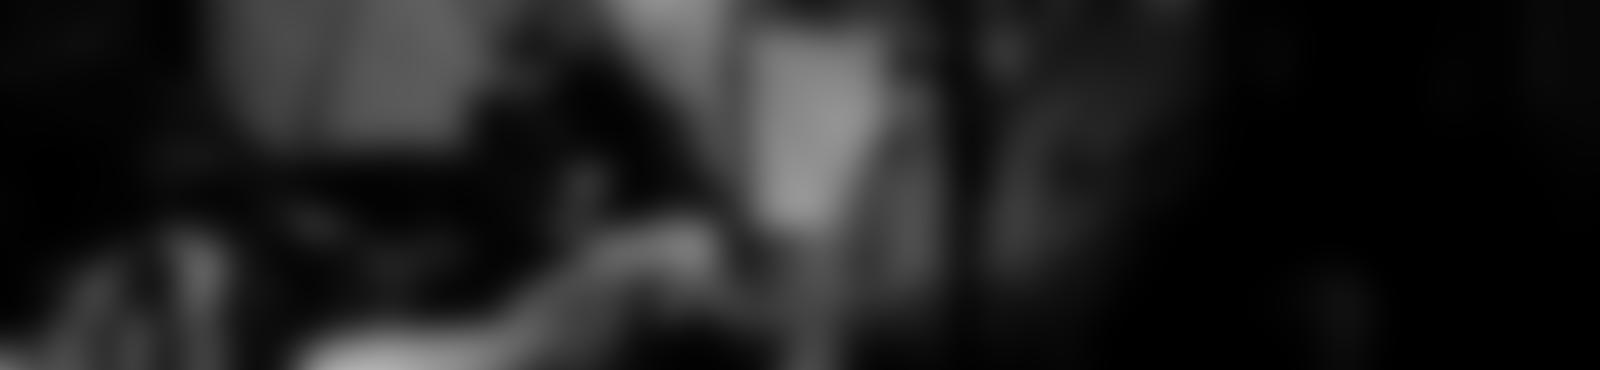 Blurred 7dcdcf26 18b0 4ce7 b934 59802169059a